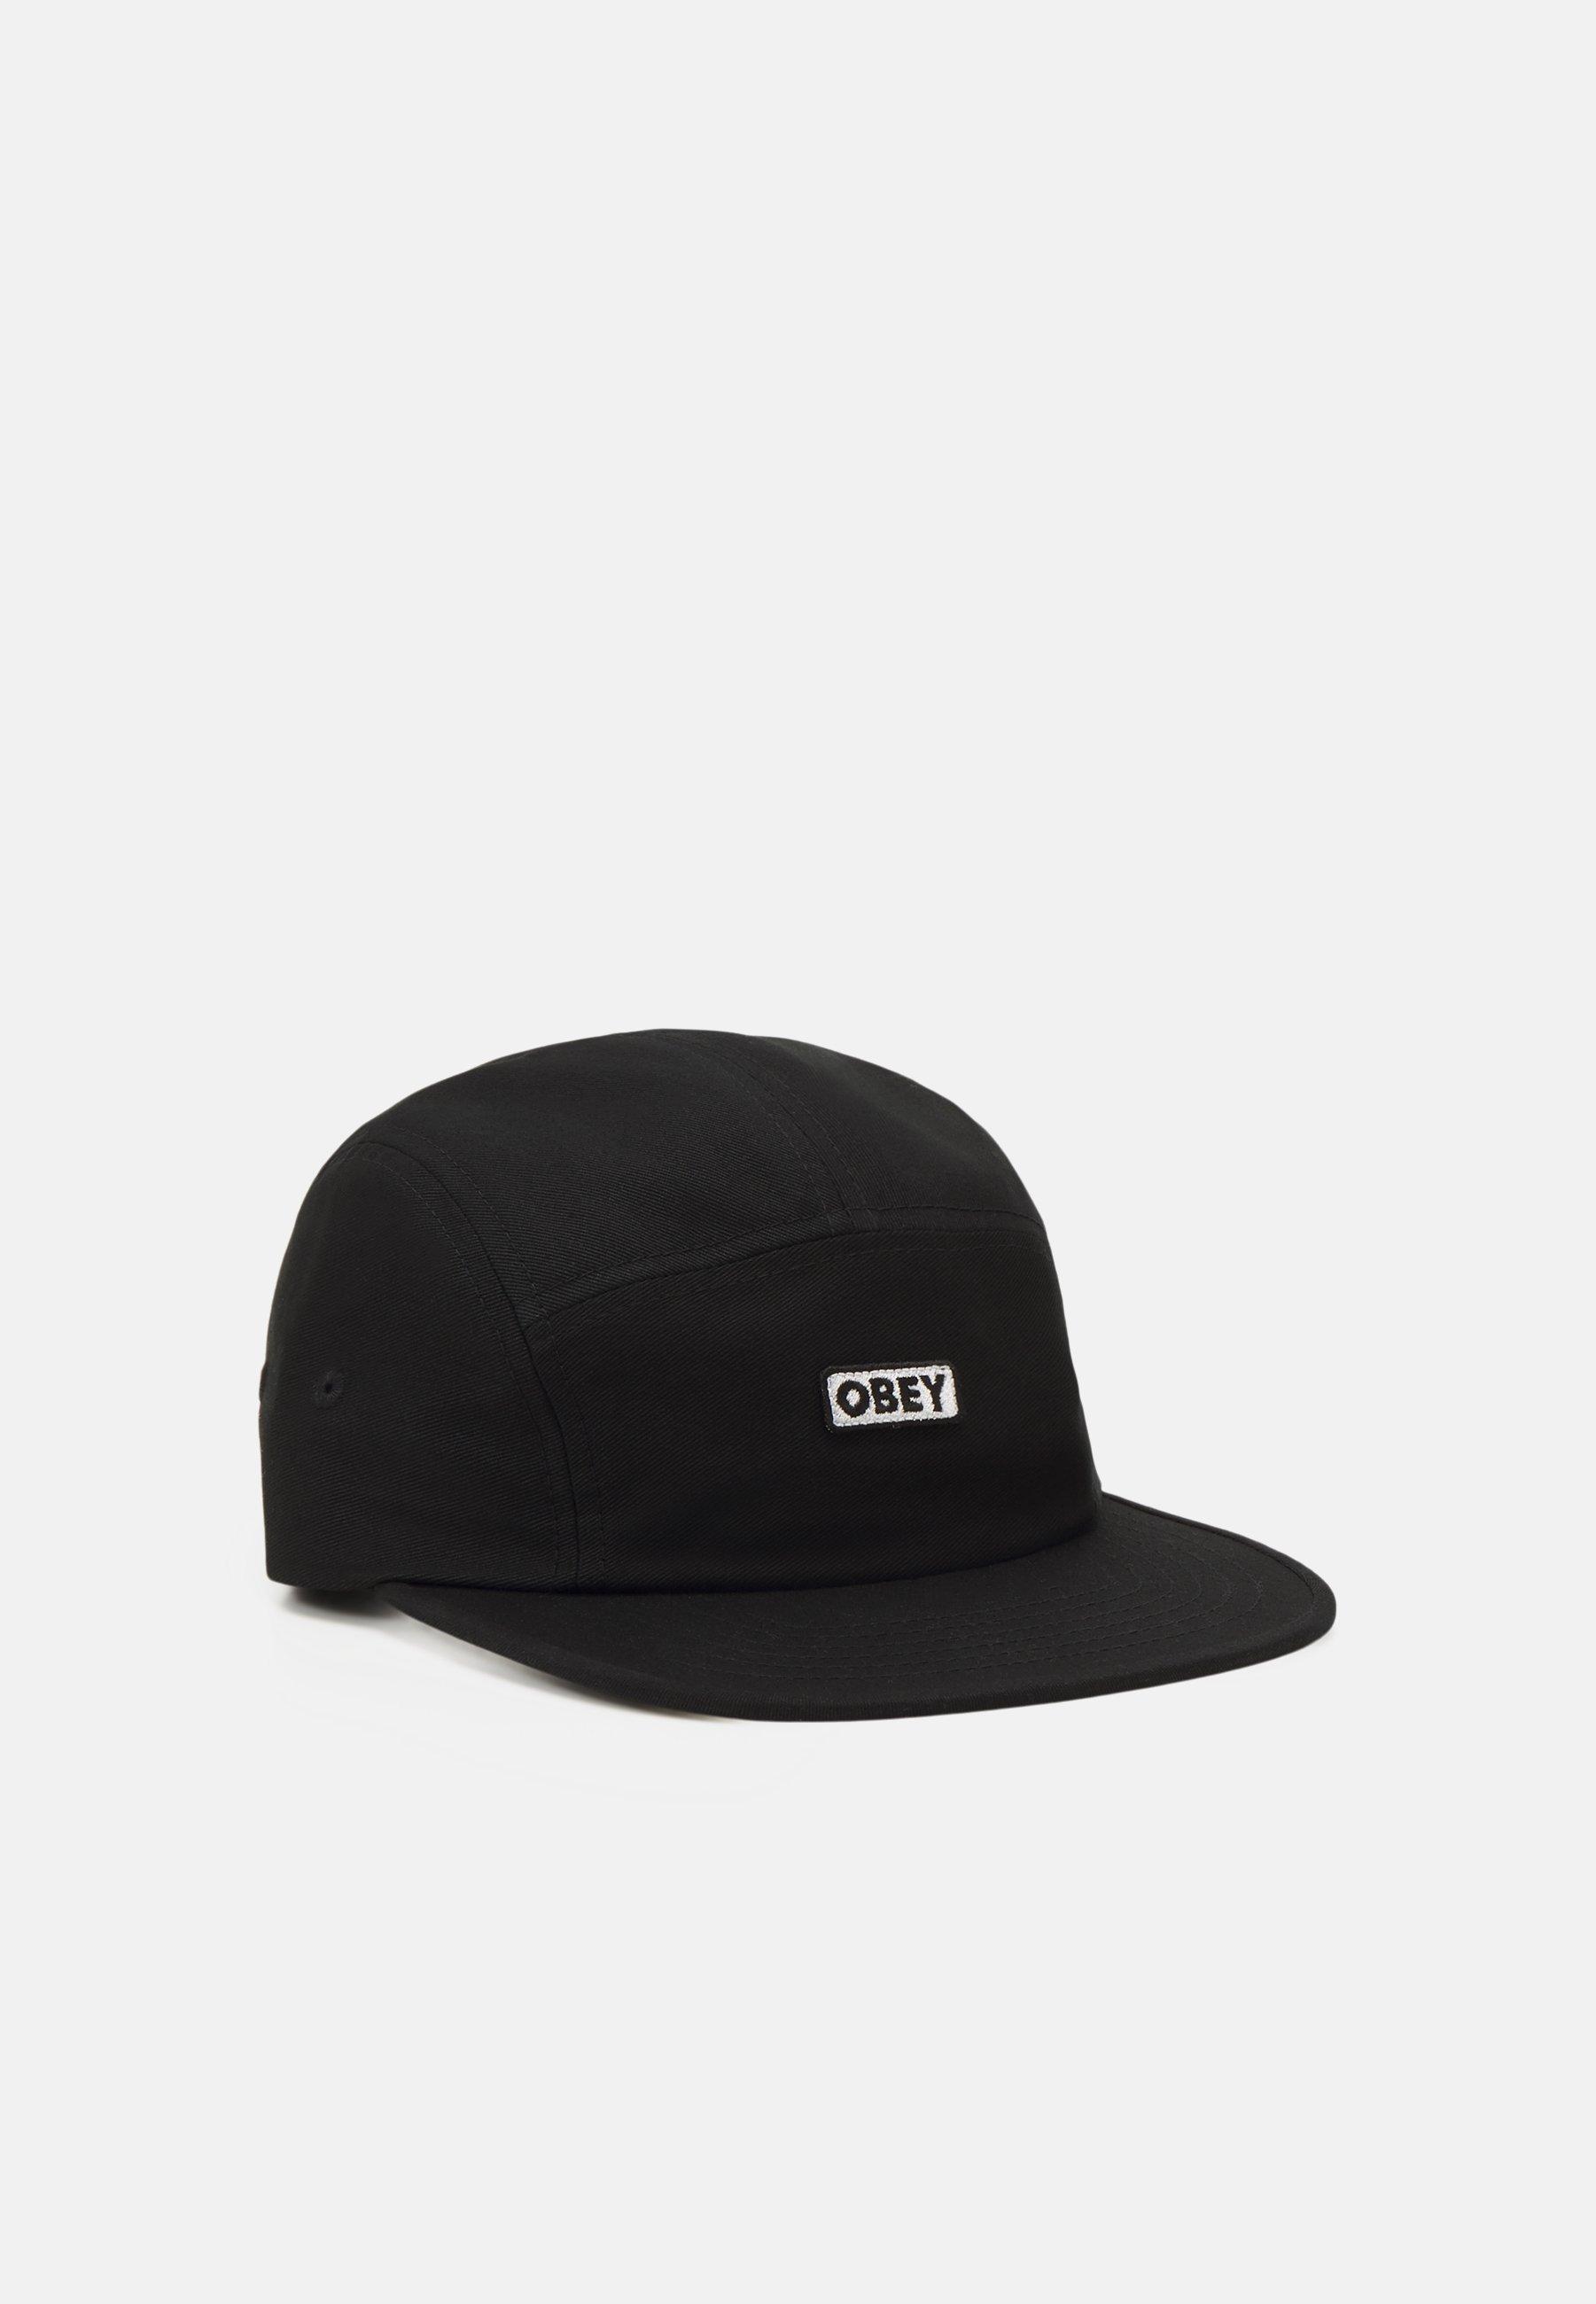 Homme BOLD LABEL CAMP HAT UNISEX - Chapeau